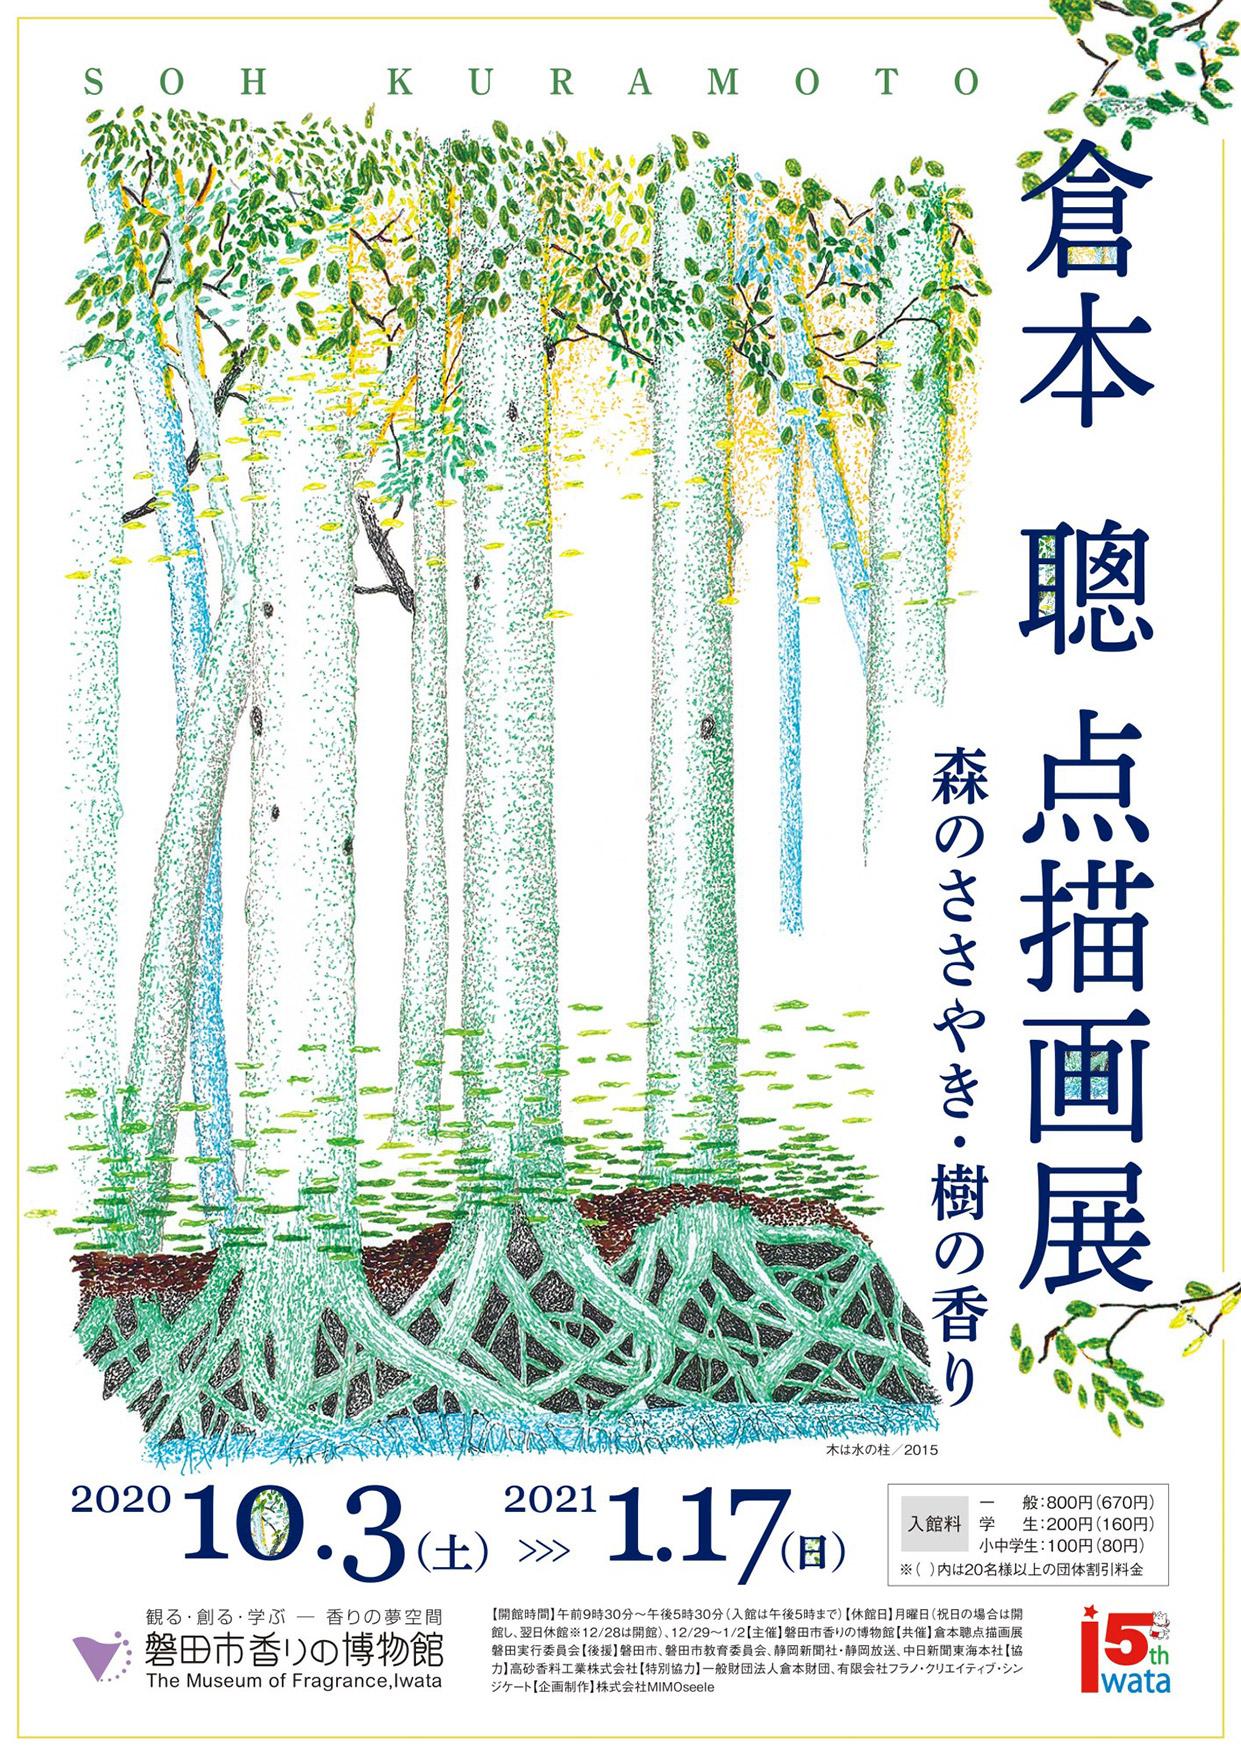 倉本聰 点描画展 ~森のささやき・樹の香り~